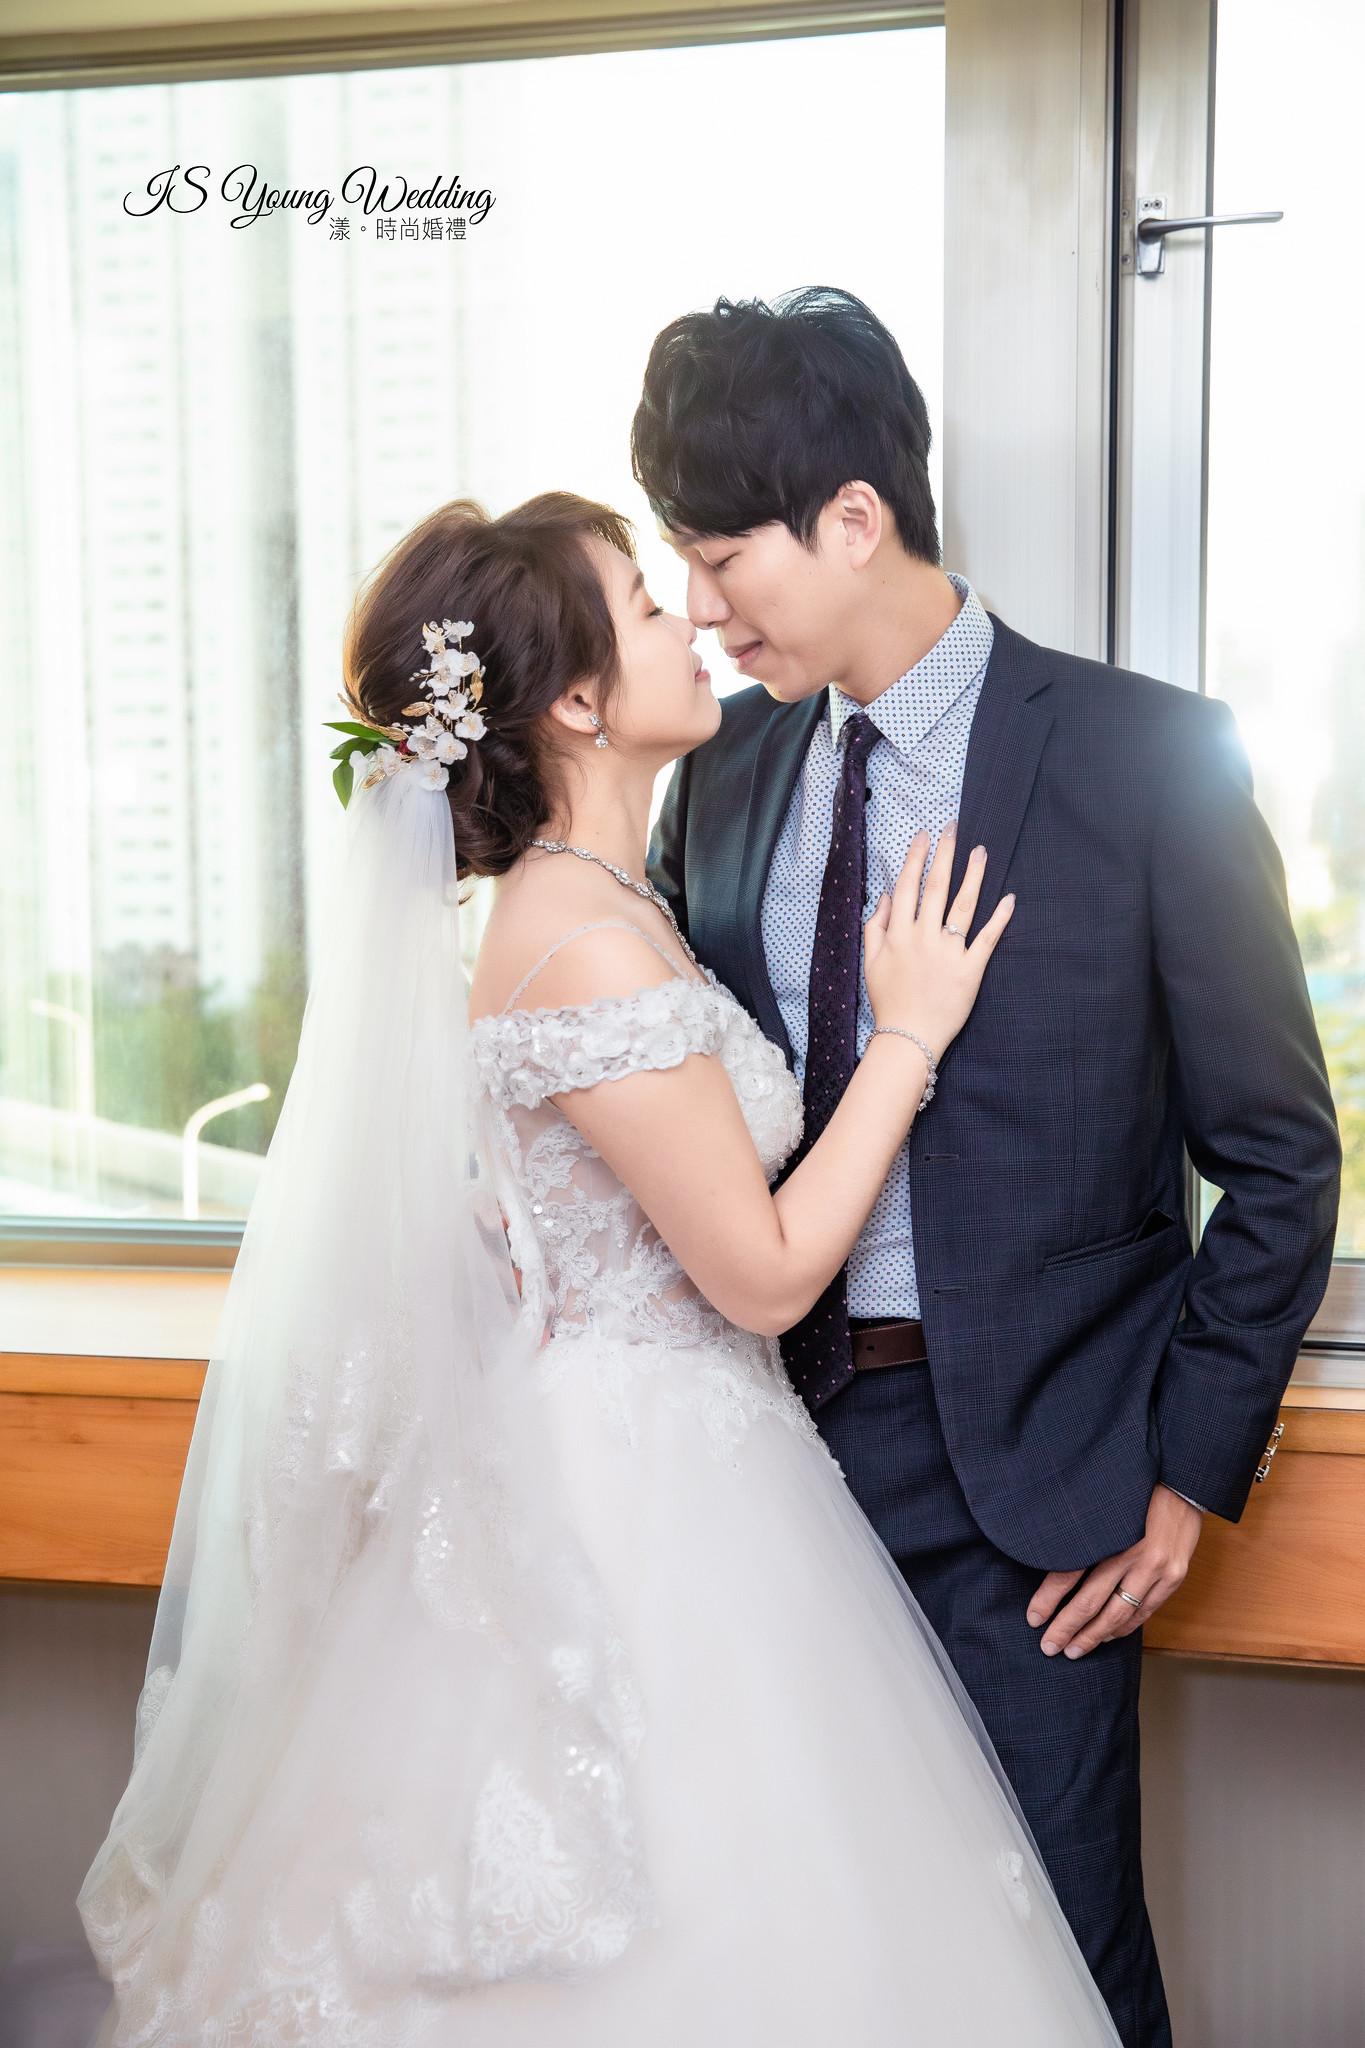 婚禮攝影-14